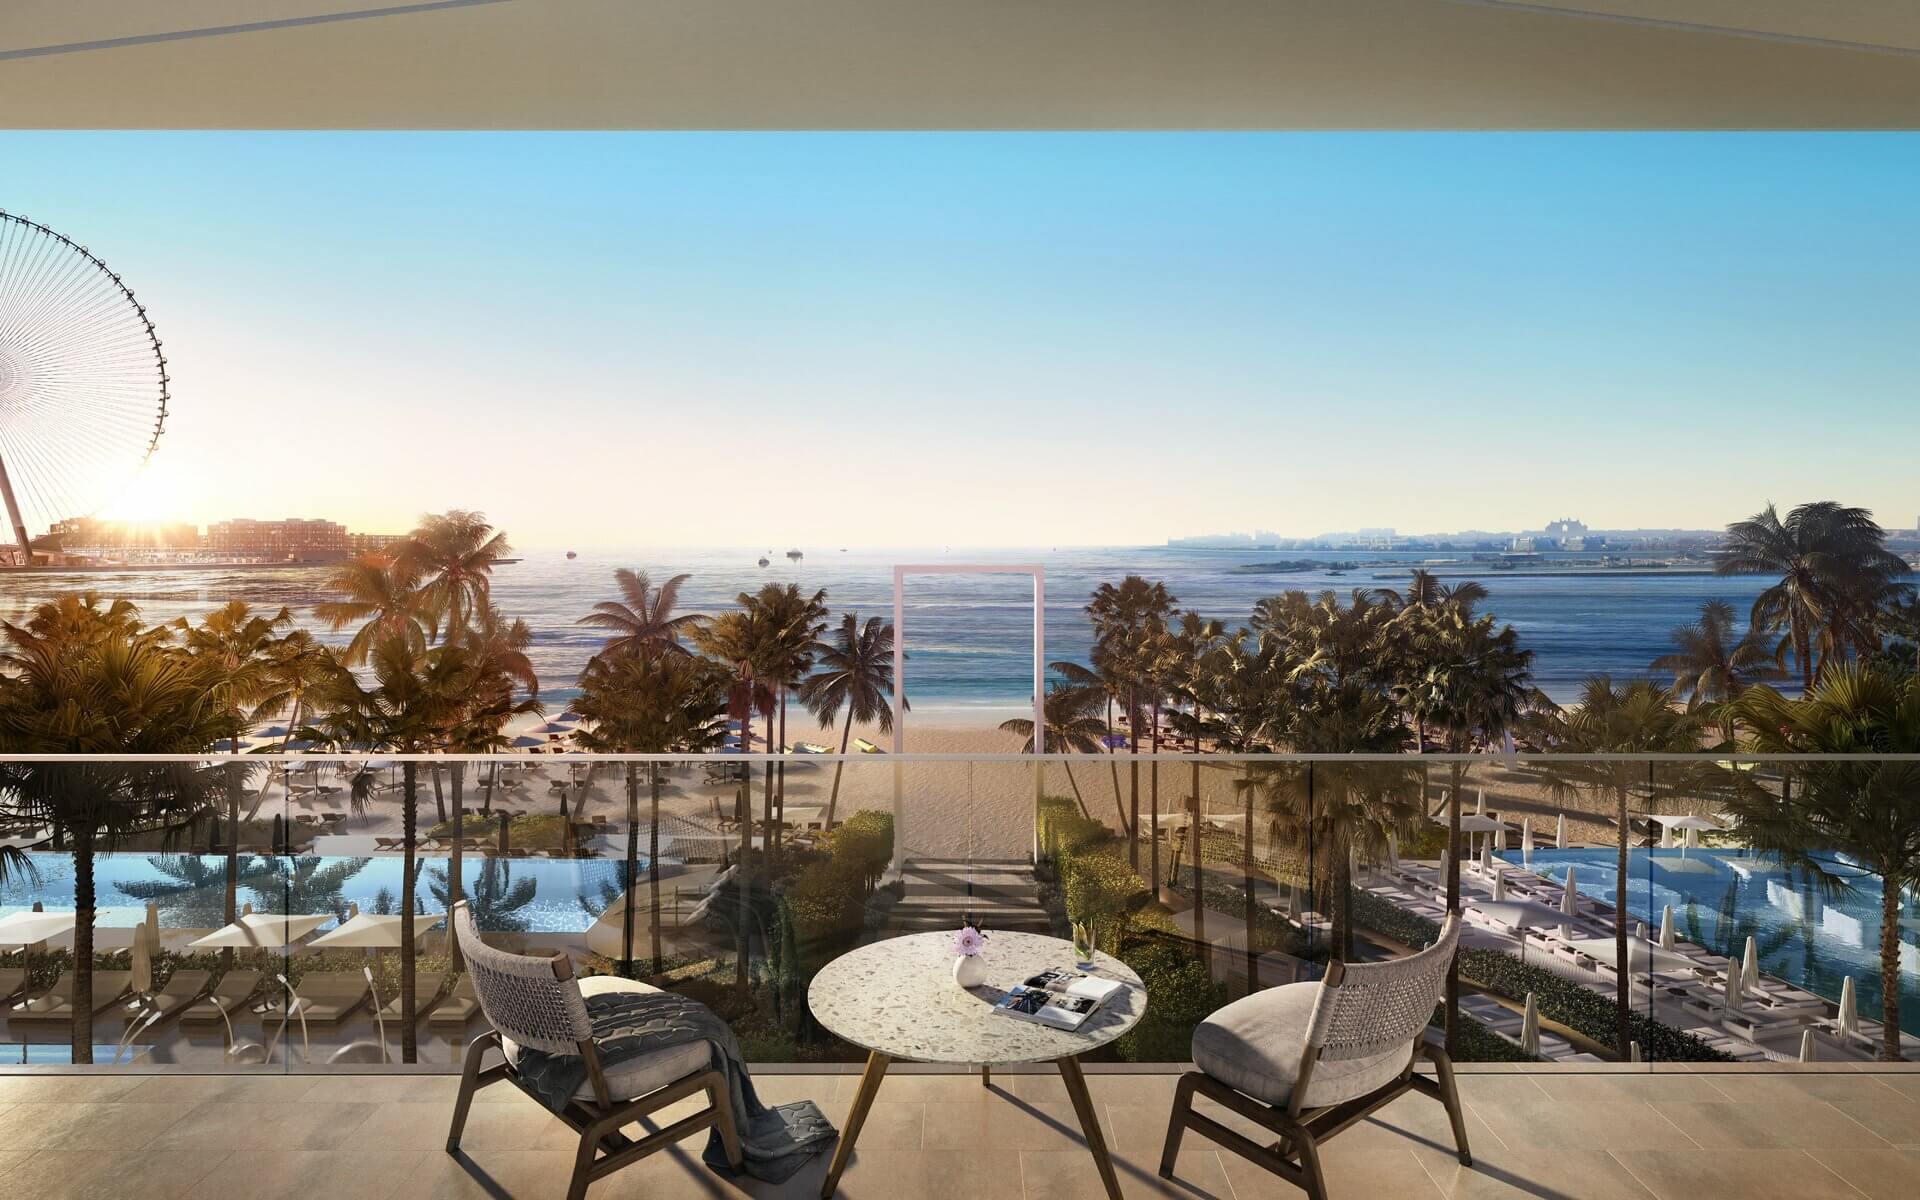 LA VIE, Jumeirah Beach Residence, Dubai, EAU – foto 1